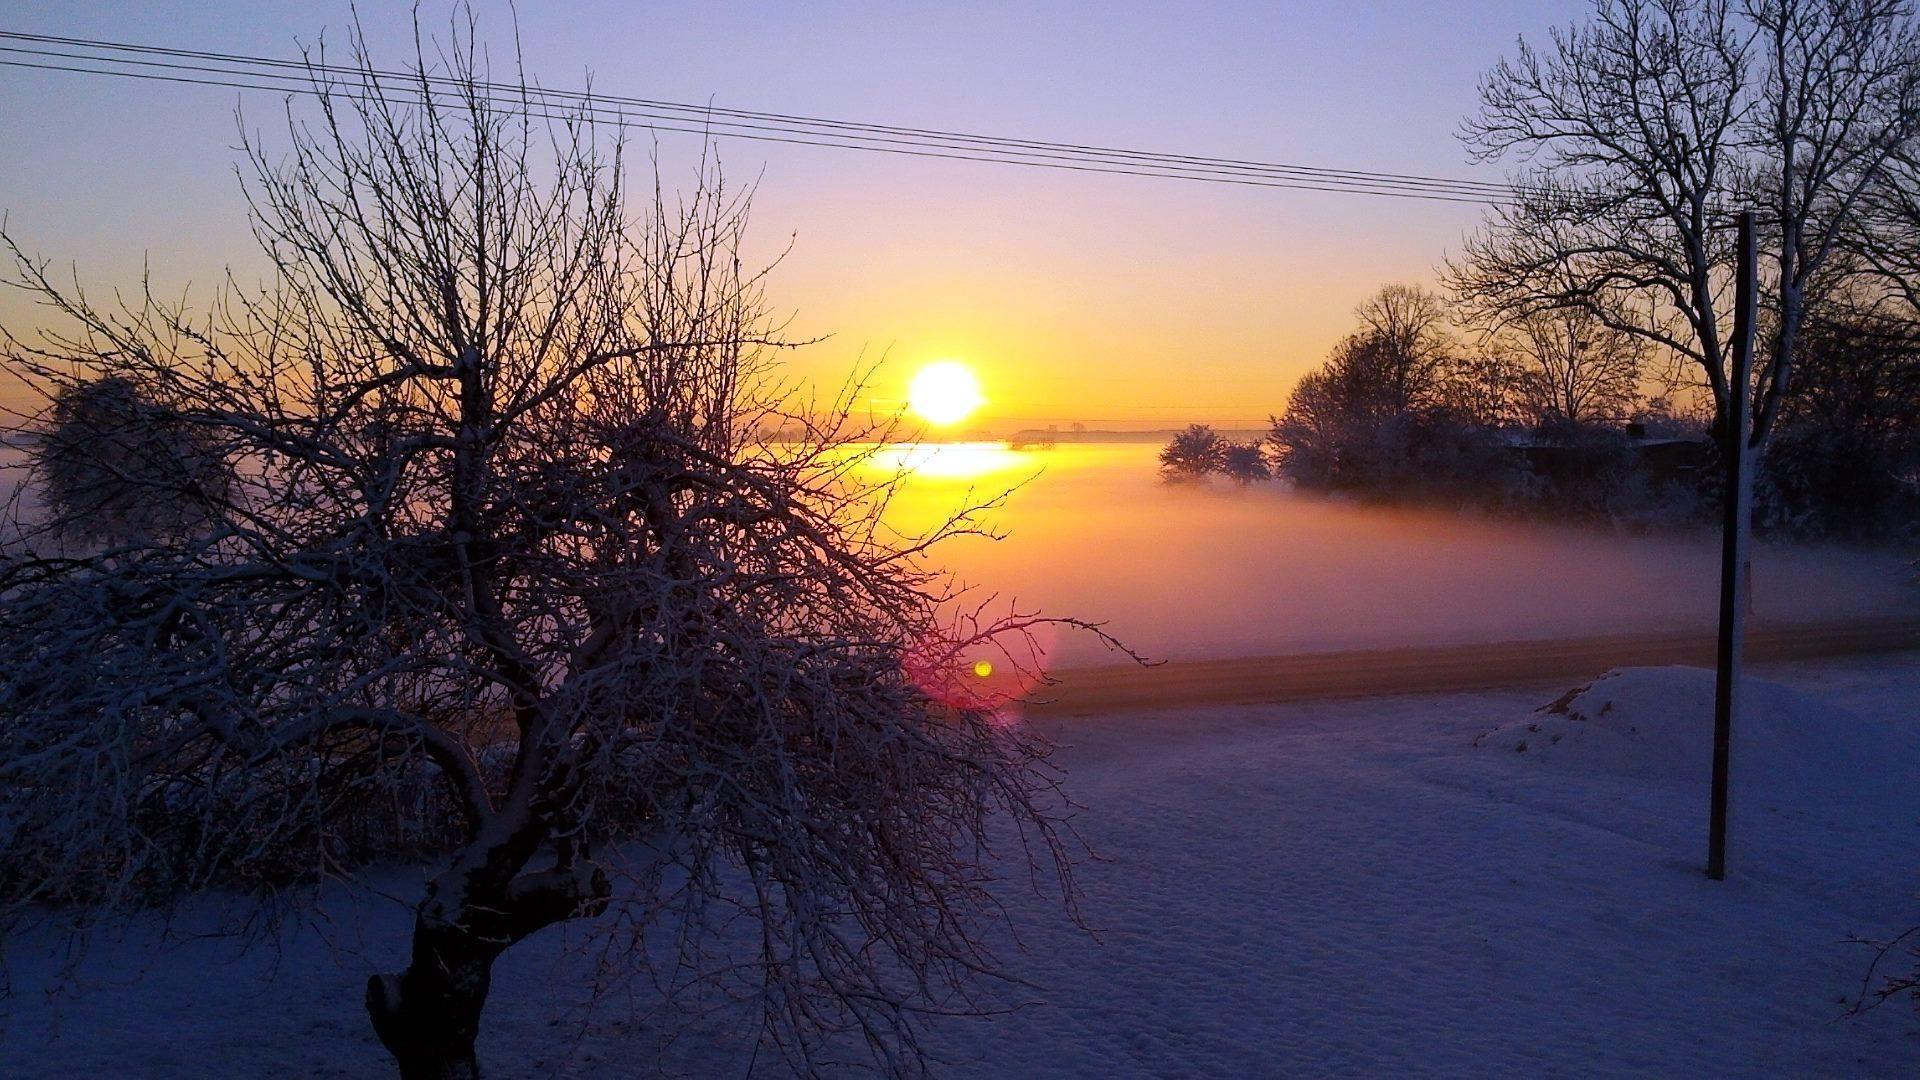 Grzybno zimą - zdj. A.Lewandowska